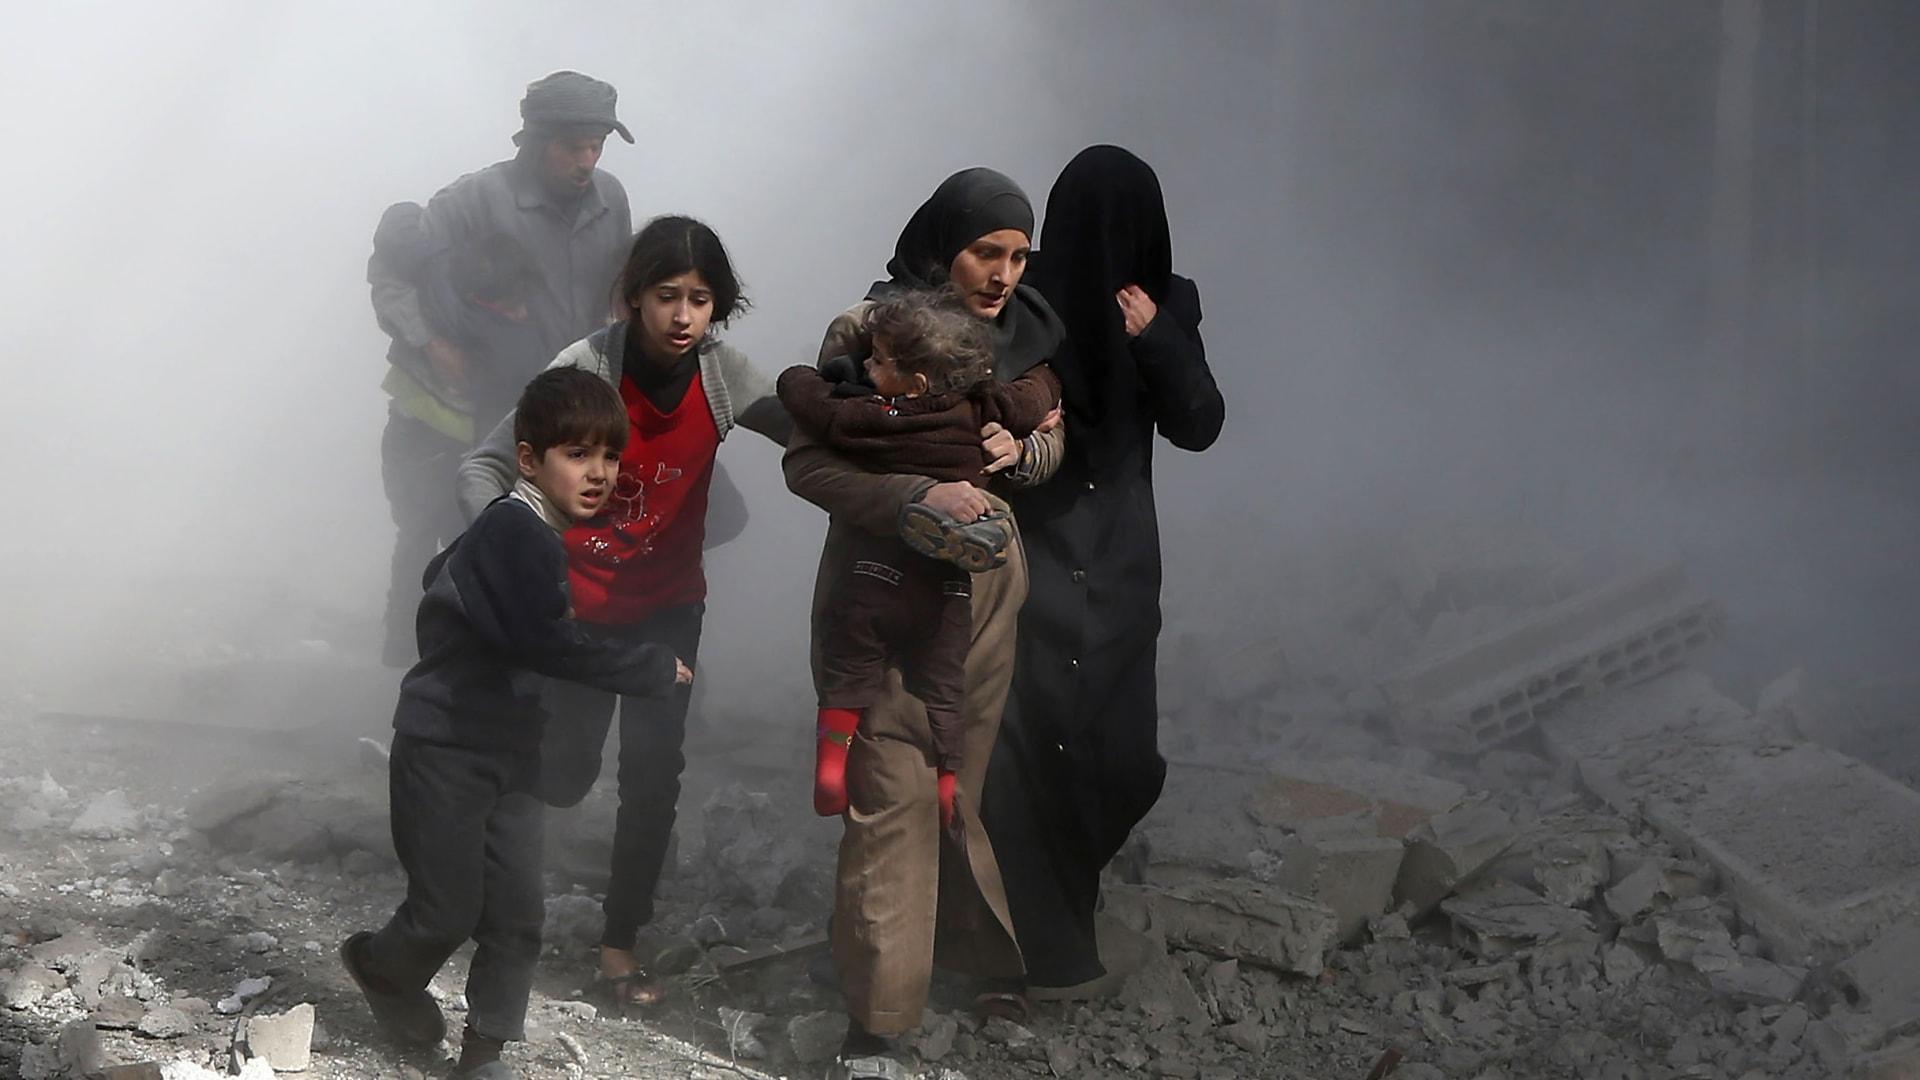 مدنيون سوريون يفرون من ضربات جوية للنظام على بلدة جسرين في الغوطة الشرقية على مشارف العاصمة دمشق - في 8 فبراير 2018.